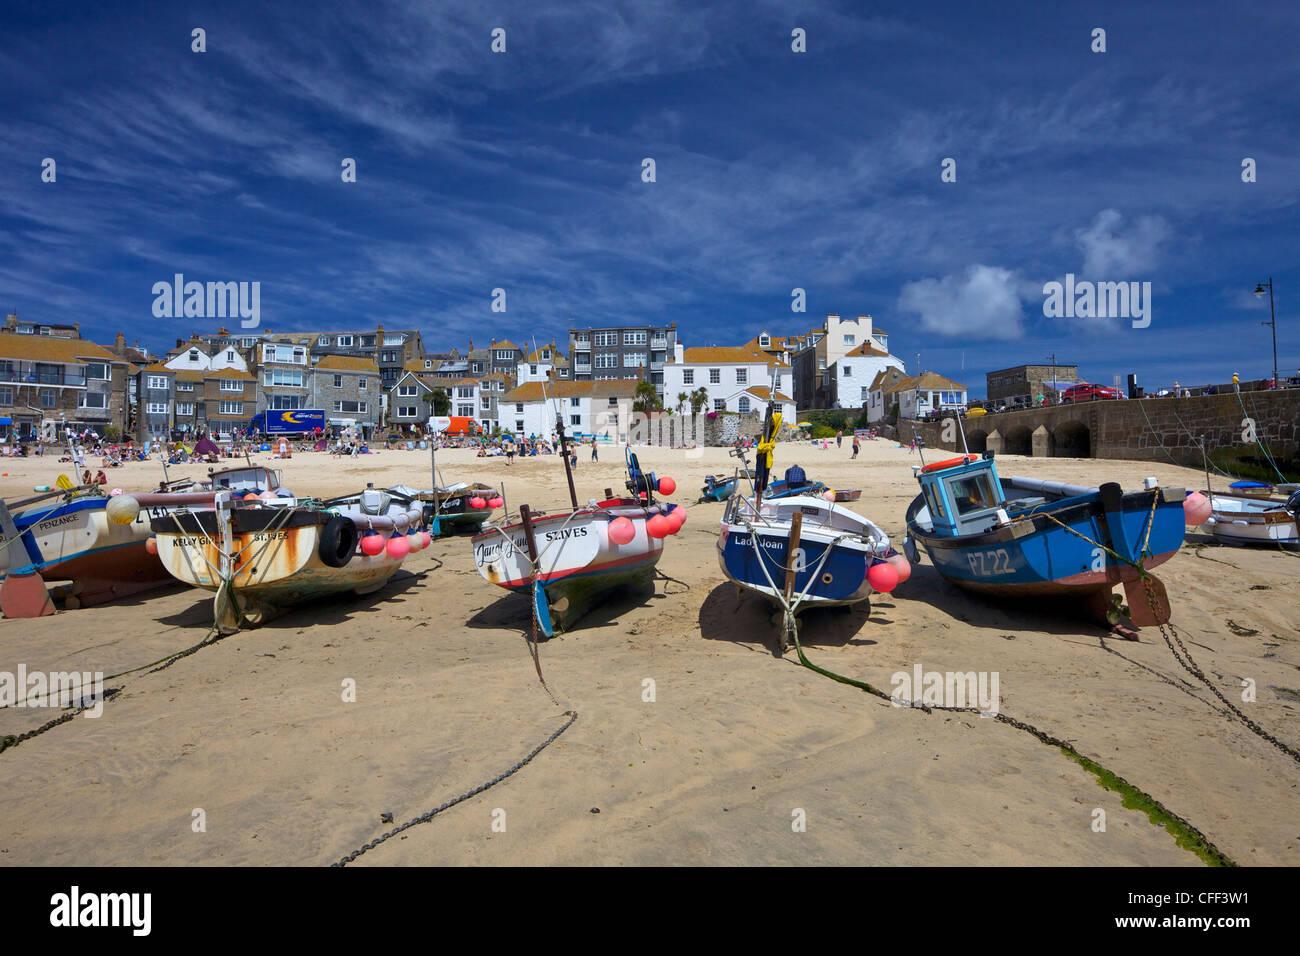 Bateaux de pêche dans le vieux port, St Ives, Cornwall, Angleterre, Royaume-Uni, Europe Photo Stock